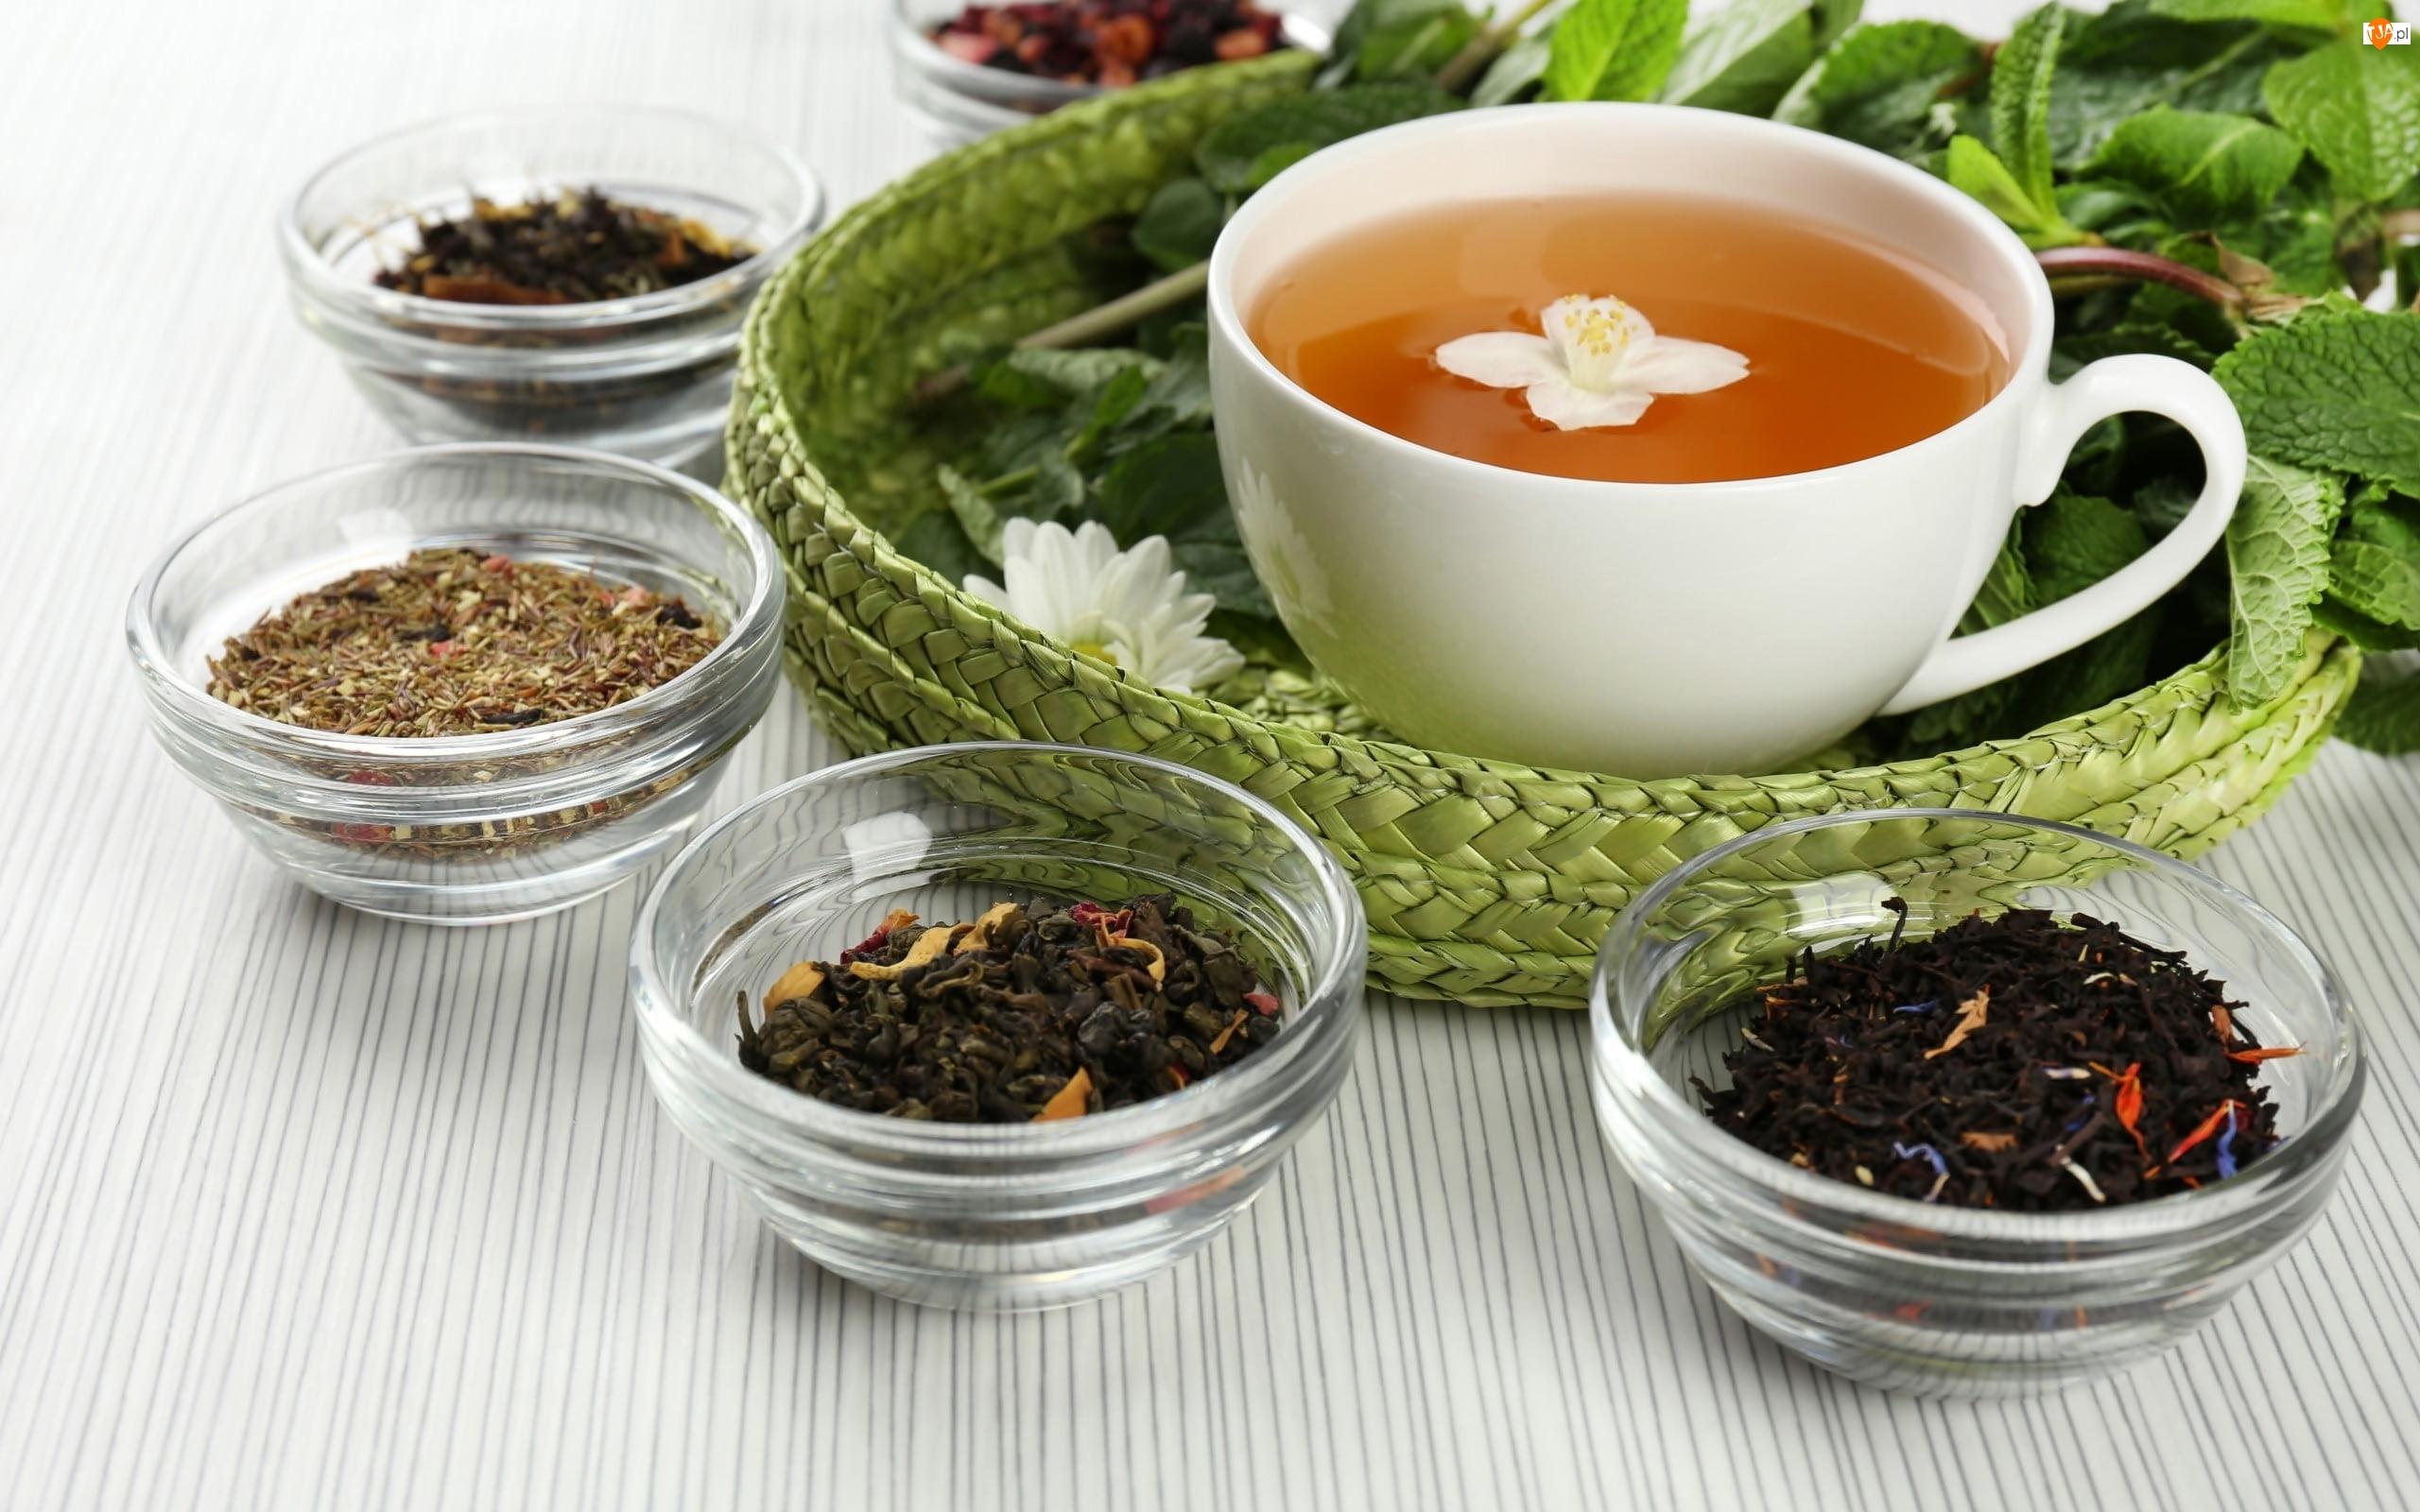 Filiżanka, Szklane, Herbaty, Herbata, Różne, Liściaste, Miseczki